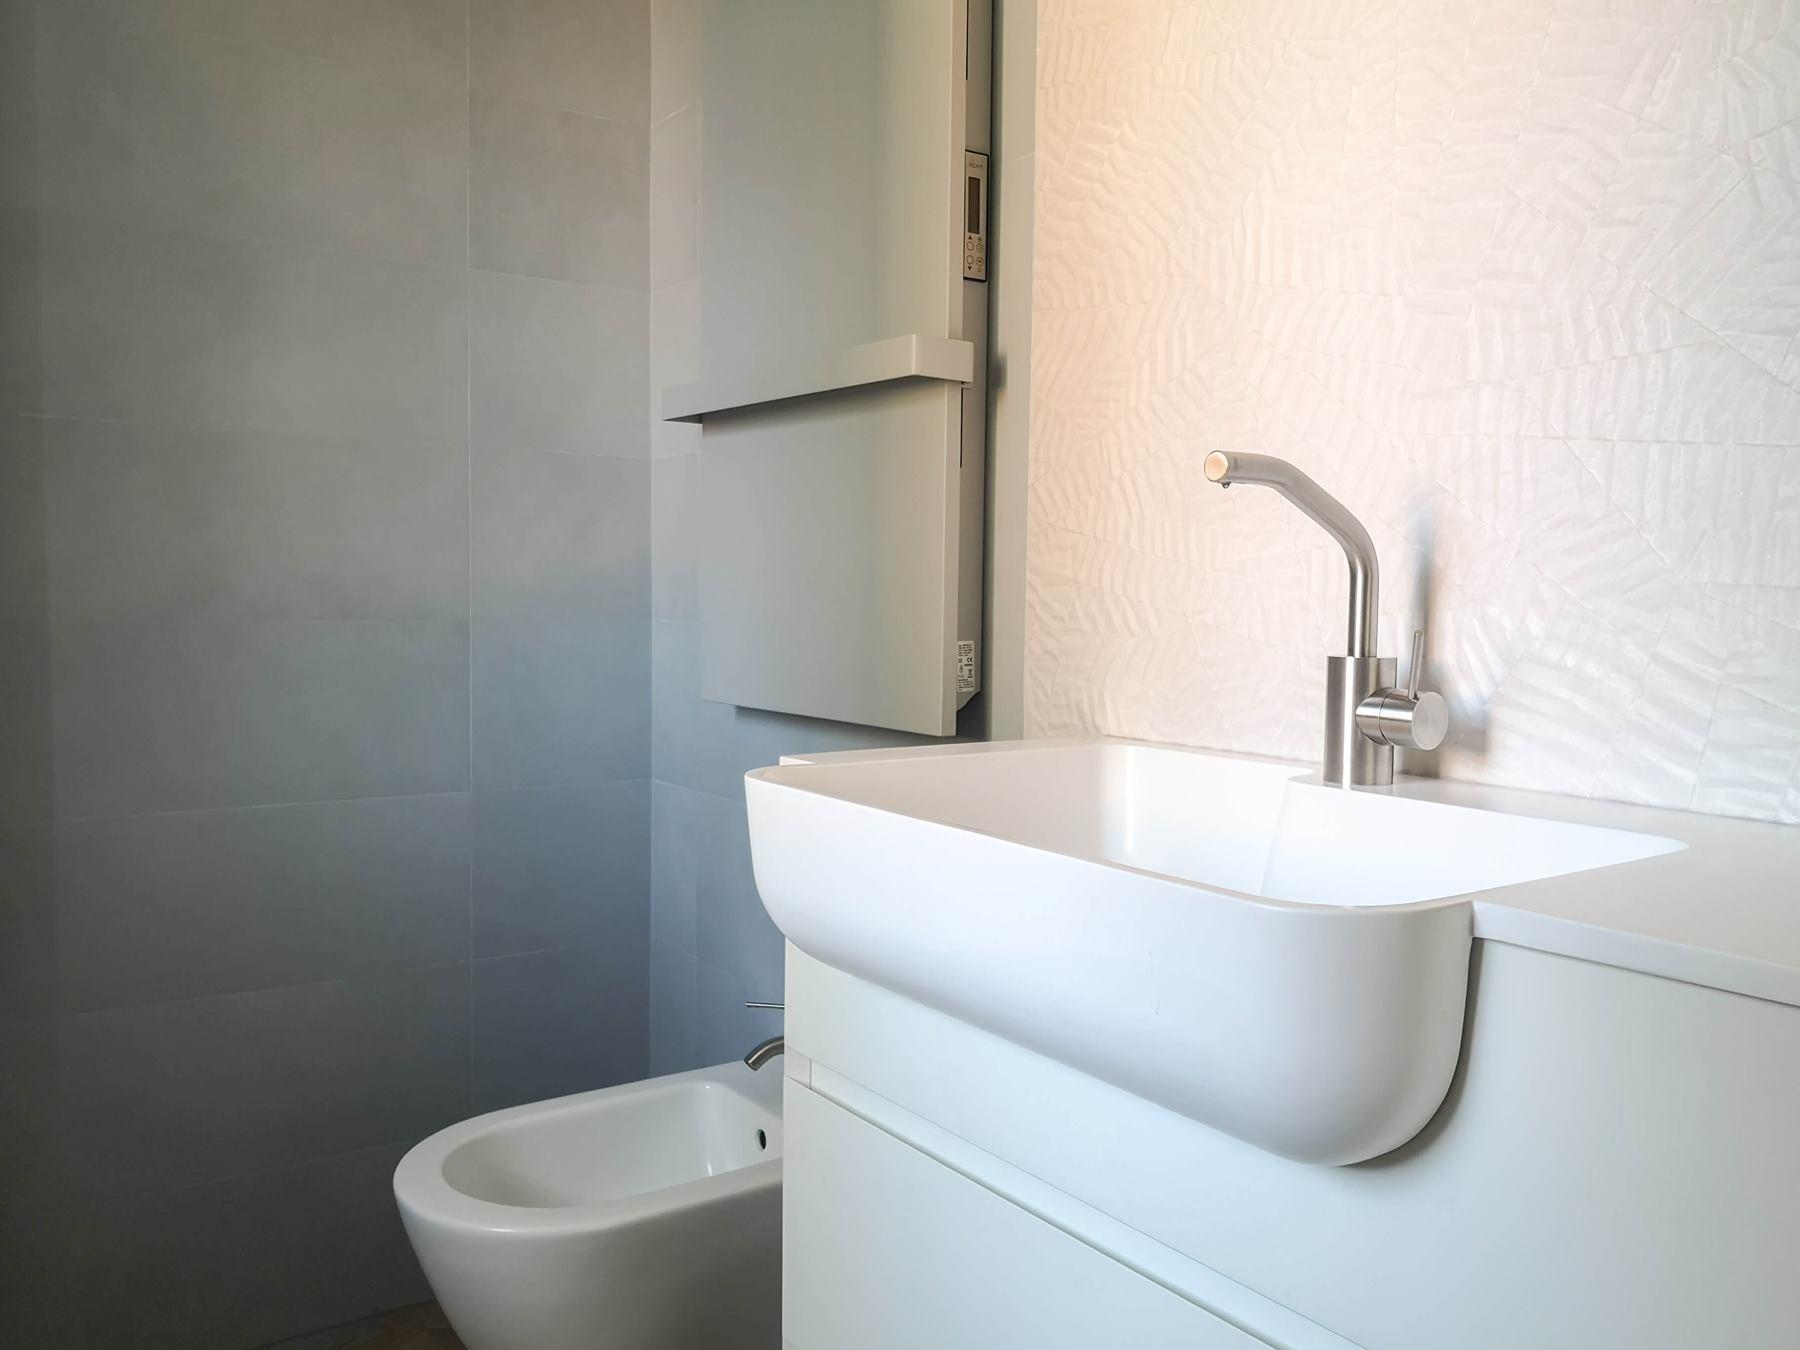 Scegliere Il Mobile In Un Bagno Piccolo Besidebathrooms